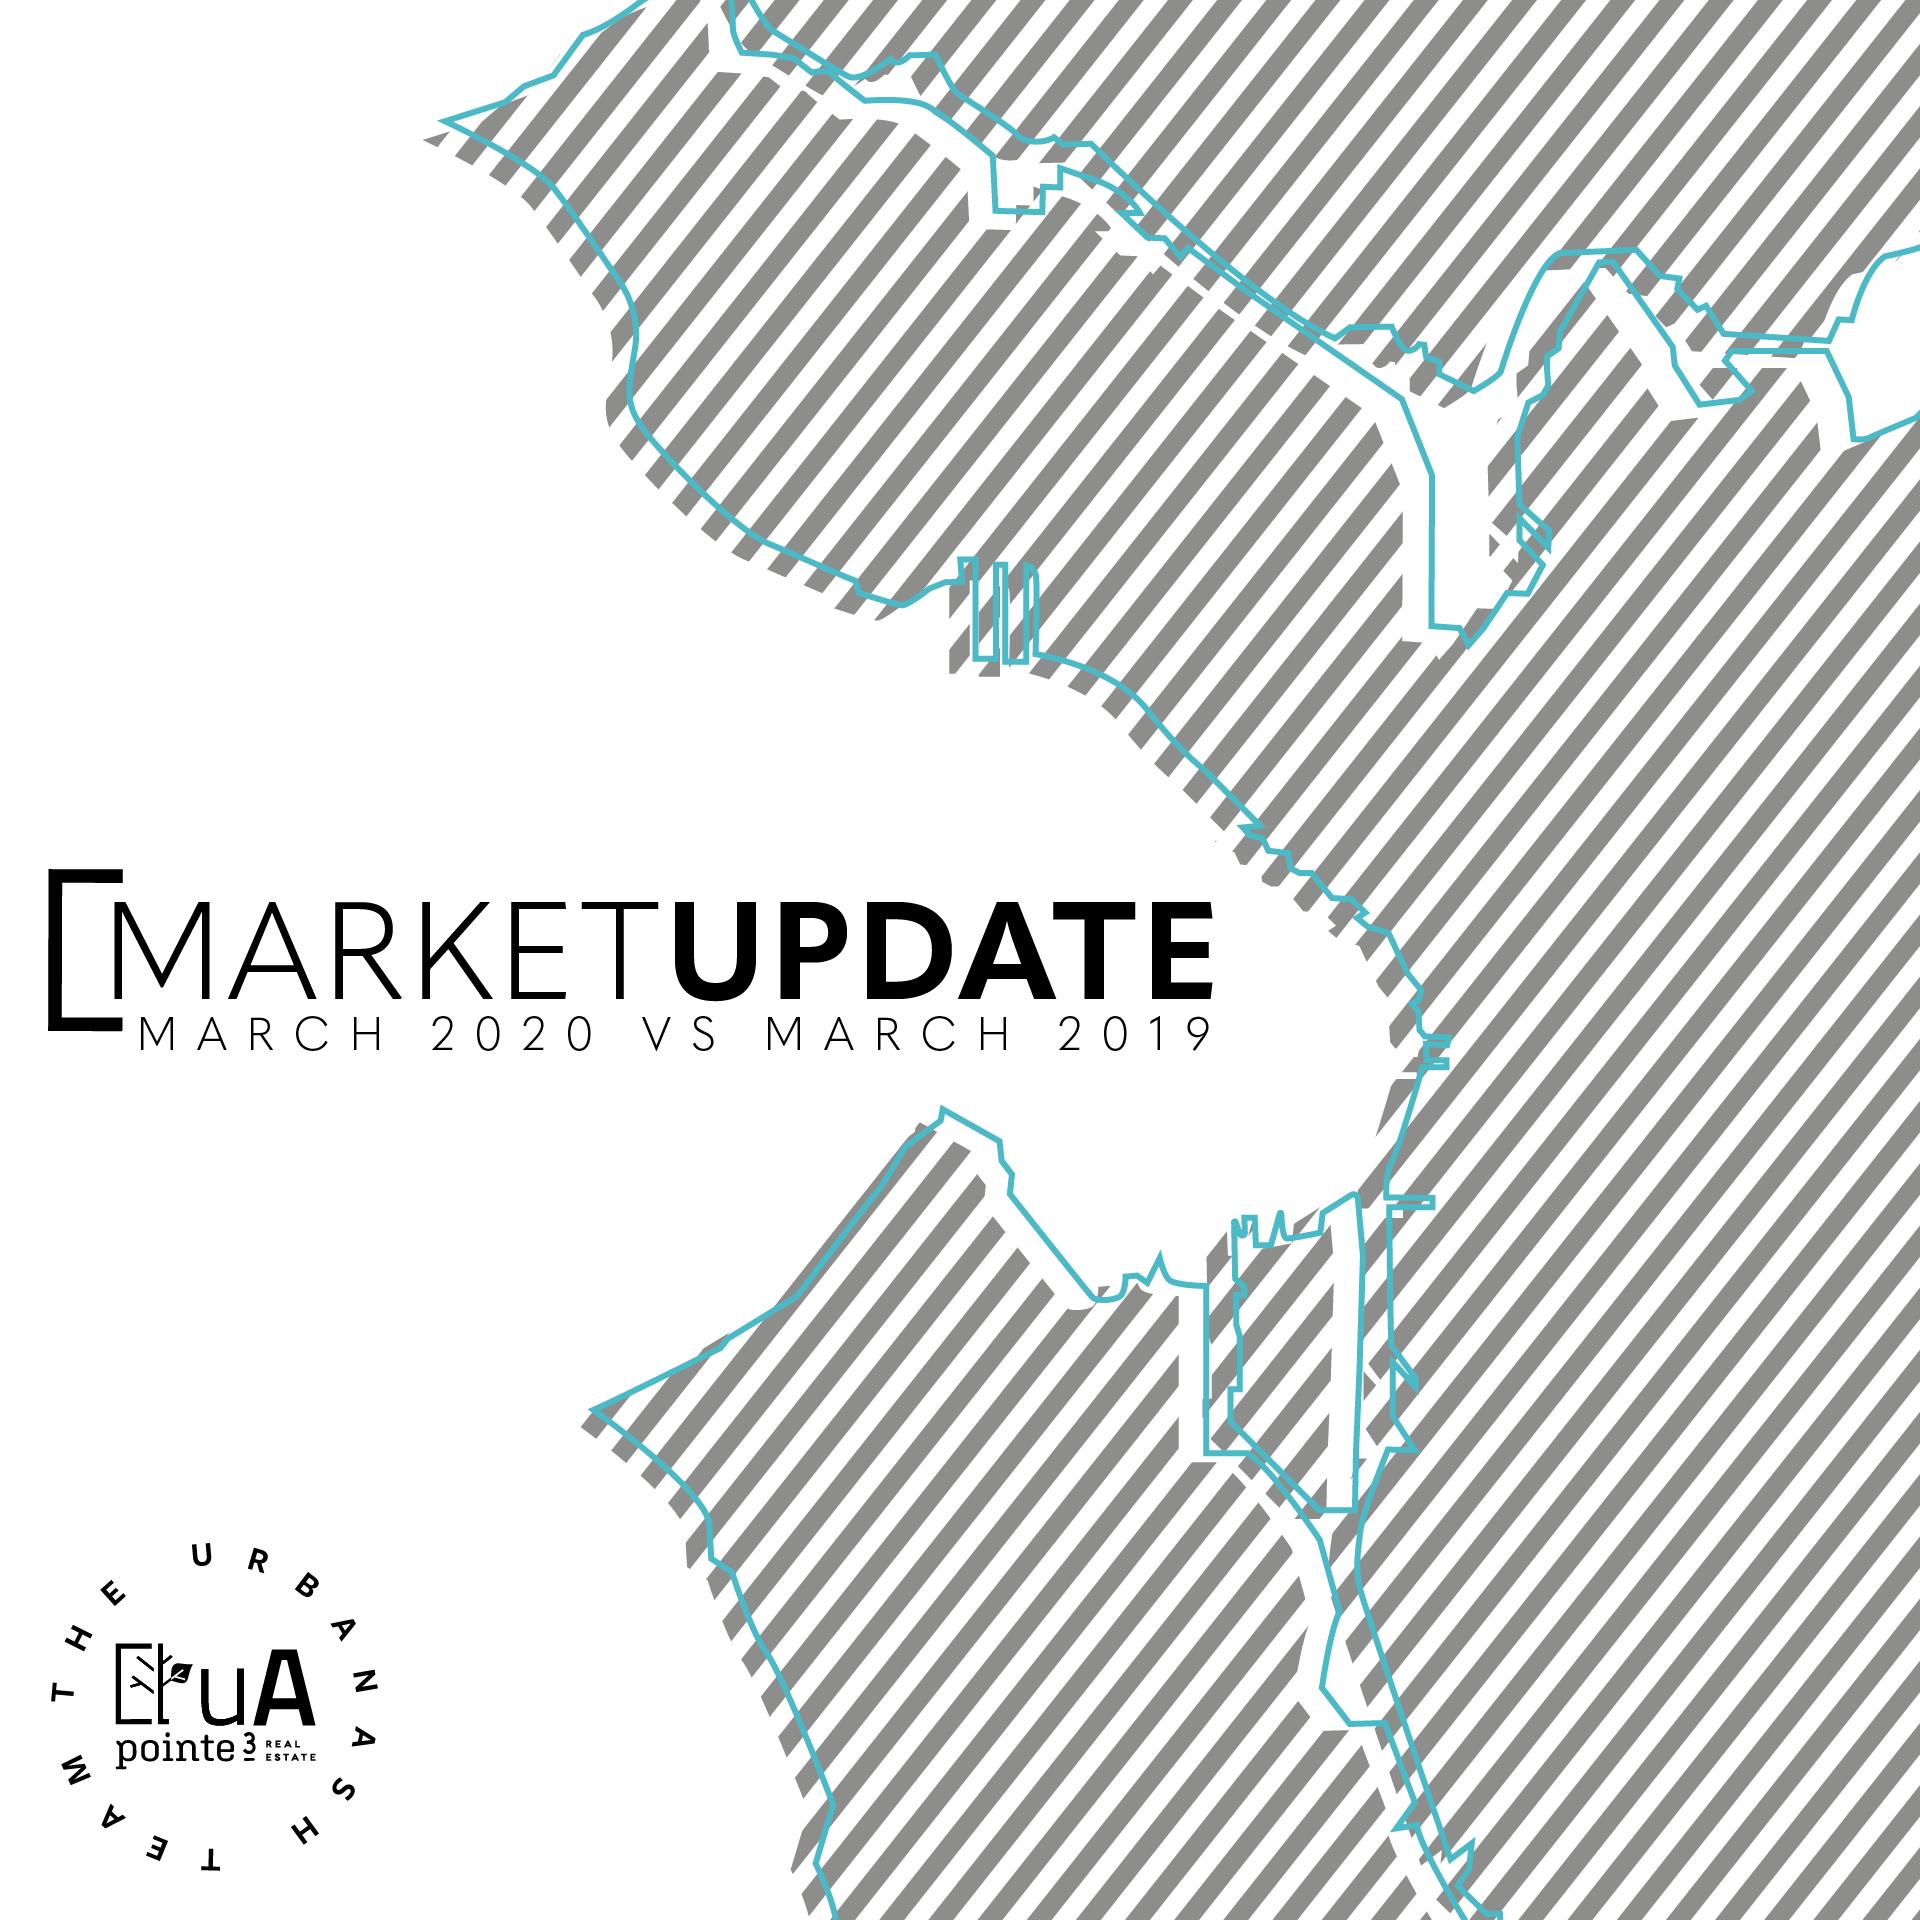 Market Update - March 2020